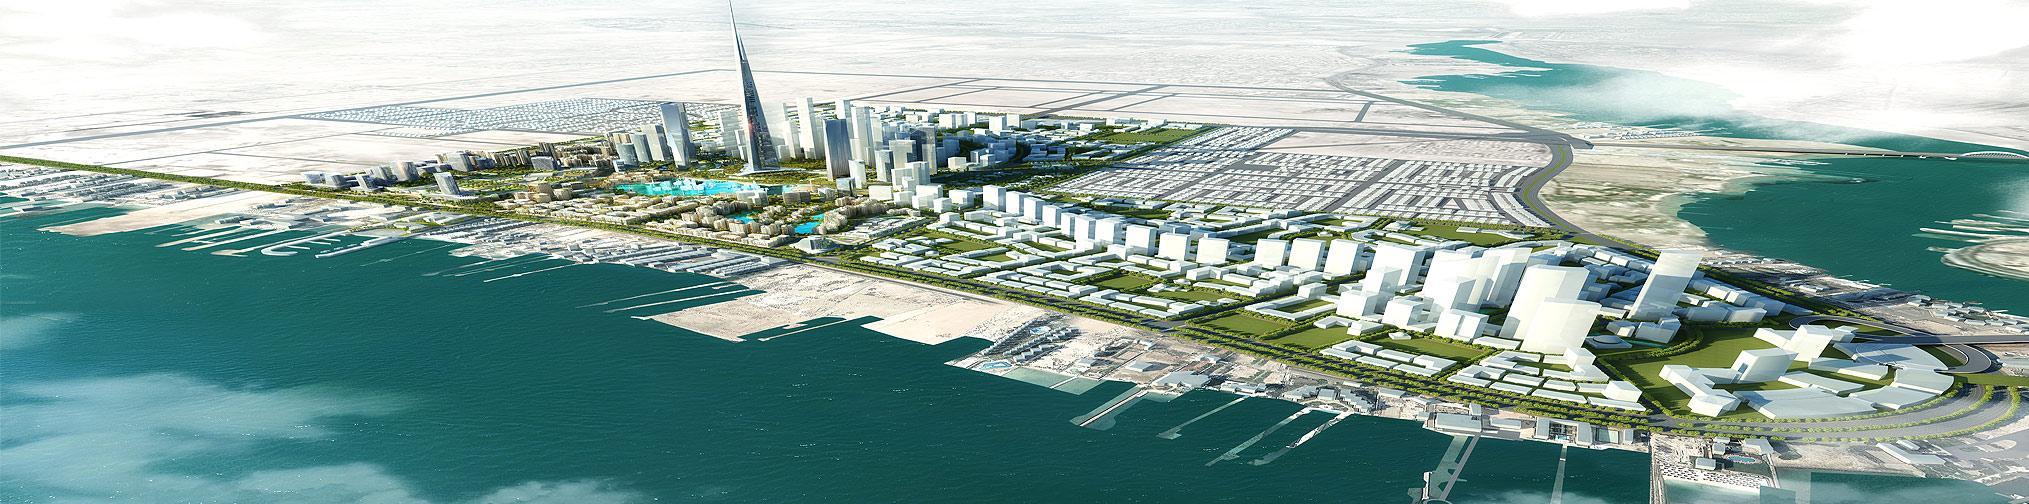 19_Kingdom-City-Jeddah-Aerial-View